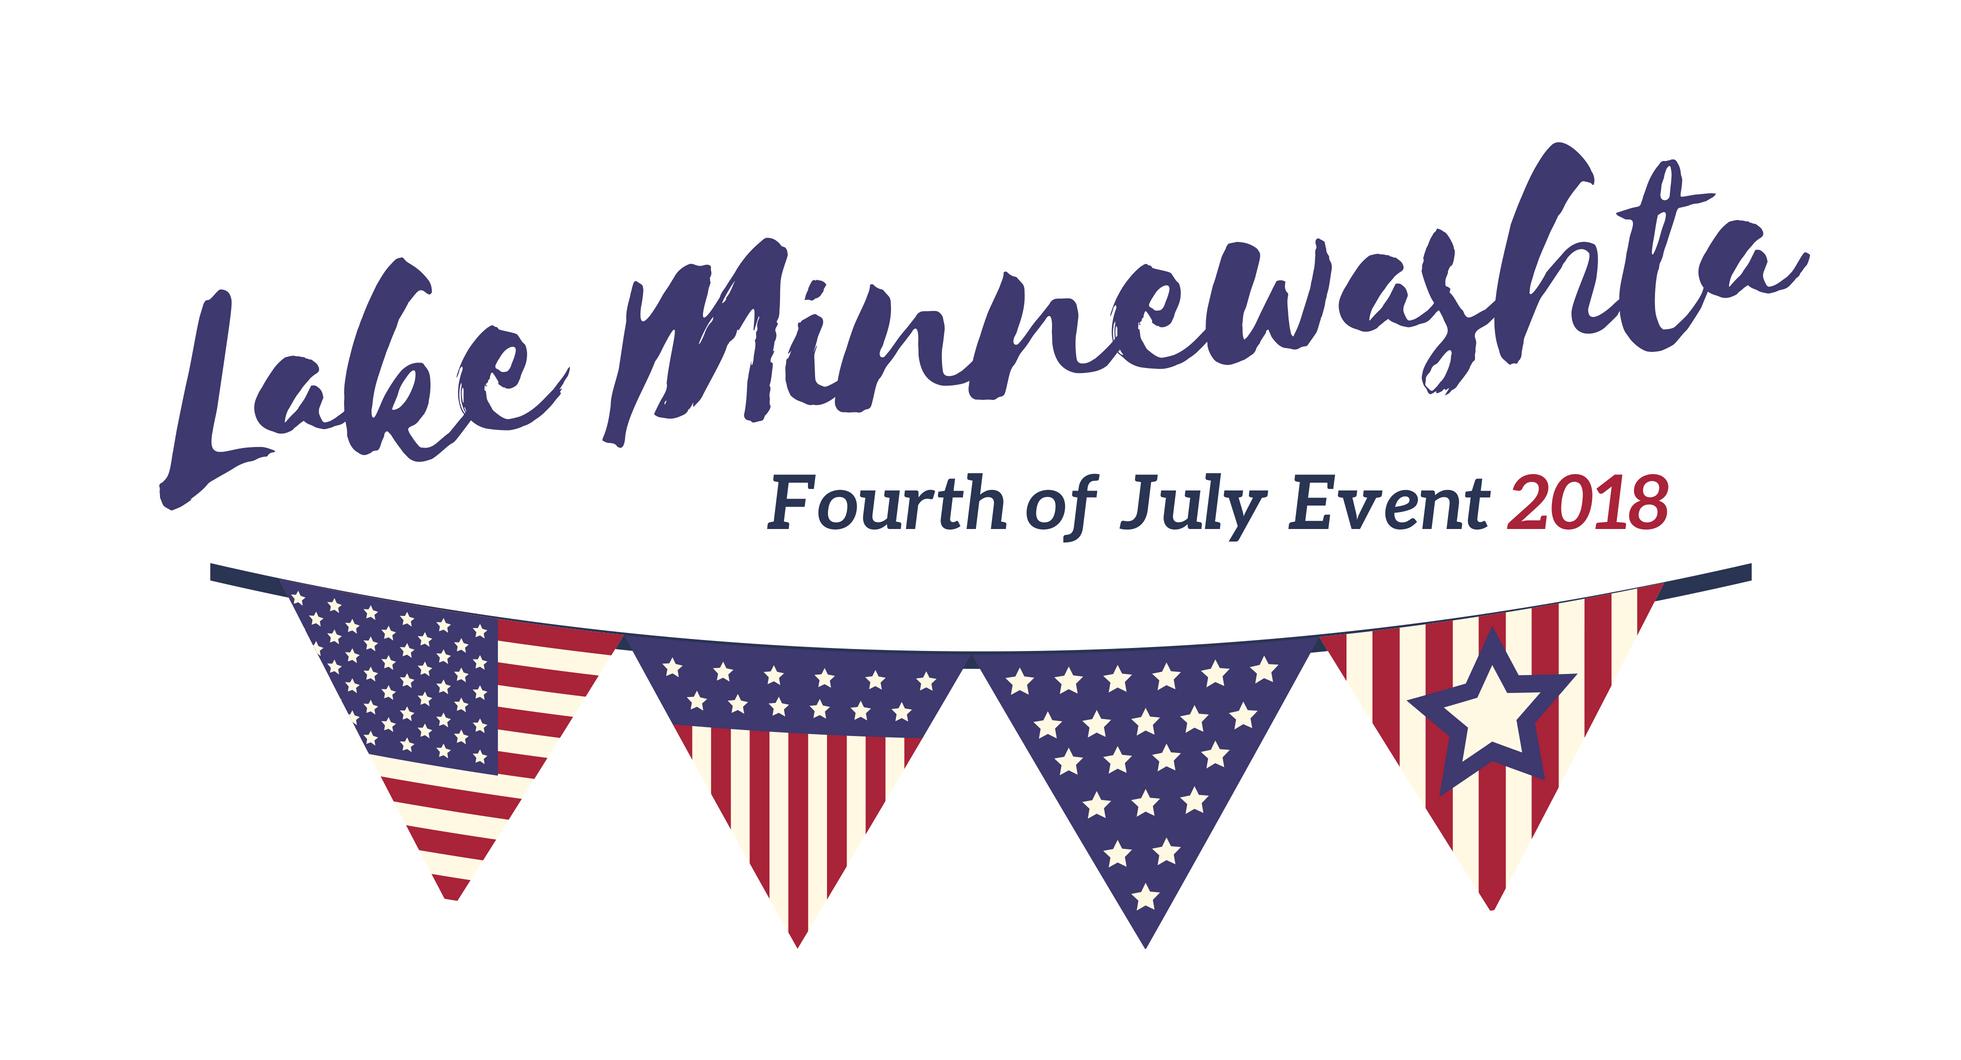 Lake Minnewashta 4th of July event